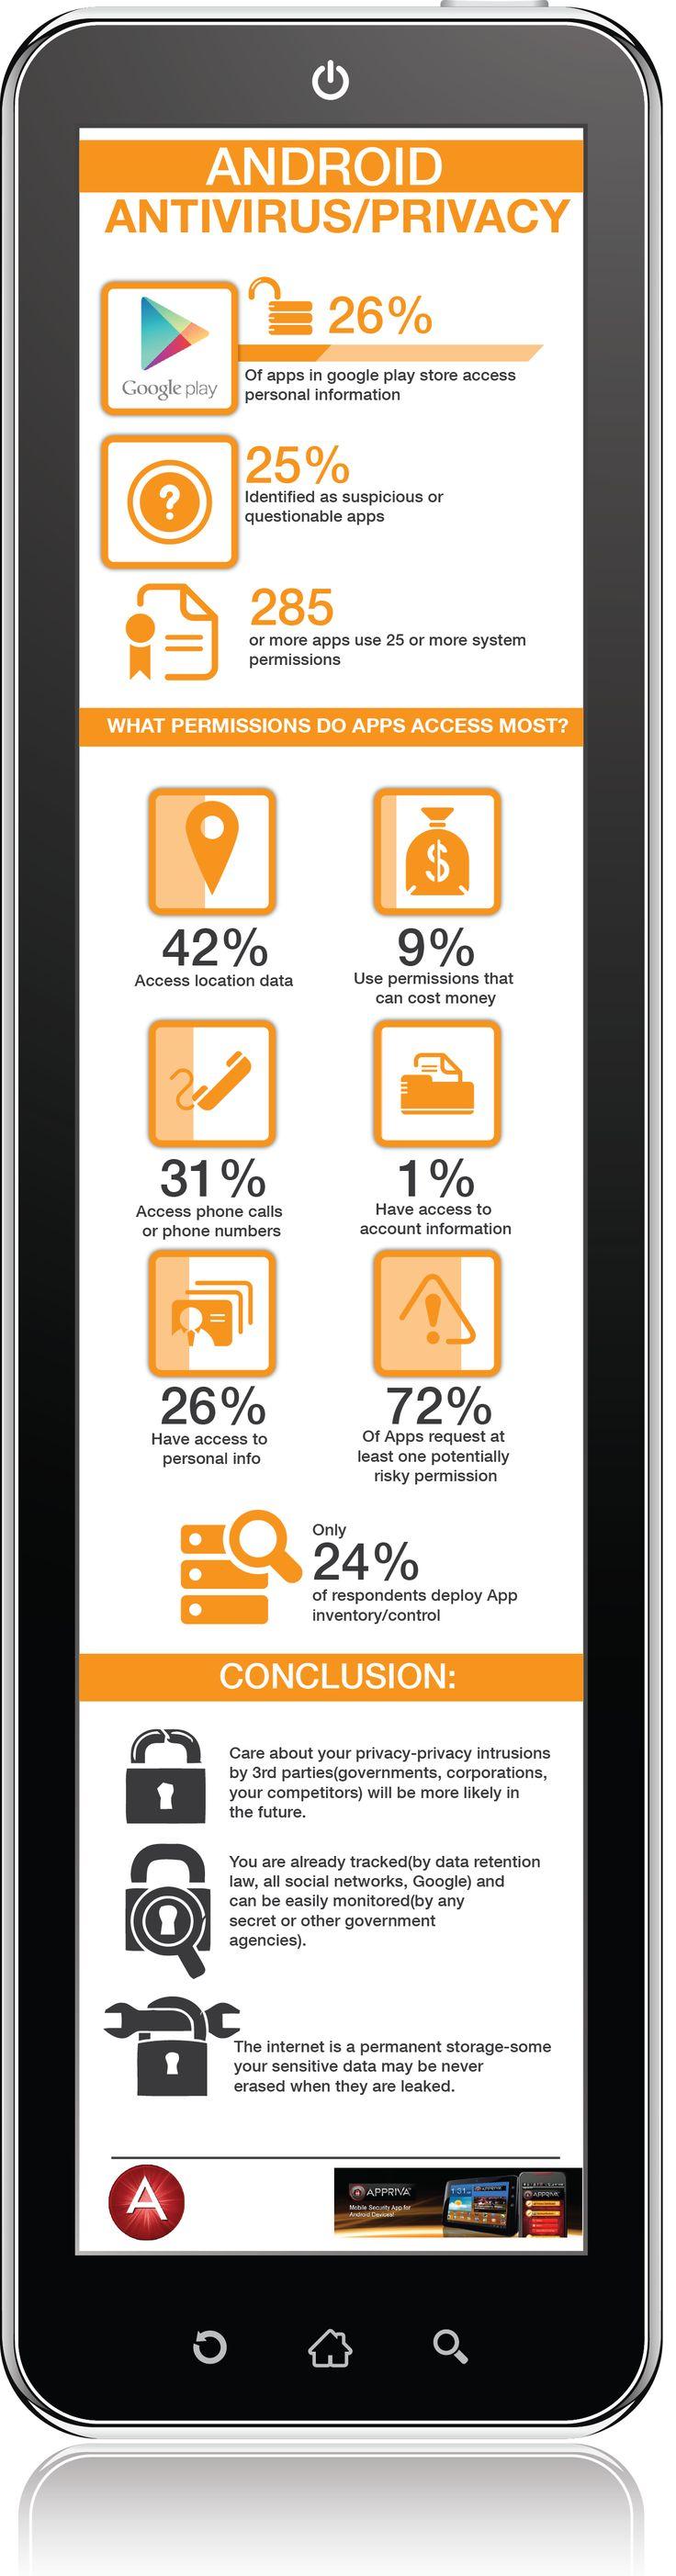 http://www.clasesdeperiodismo.com/2014/08/12/infografia-las-aplicaciones-y-sus-riesgos-en-android/ #android